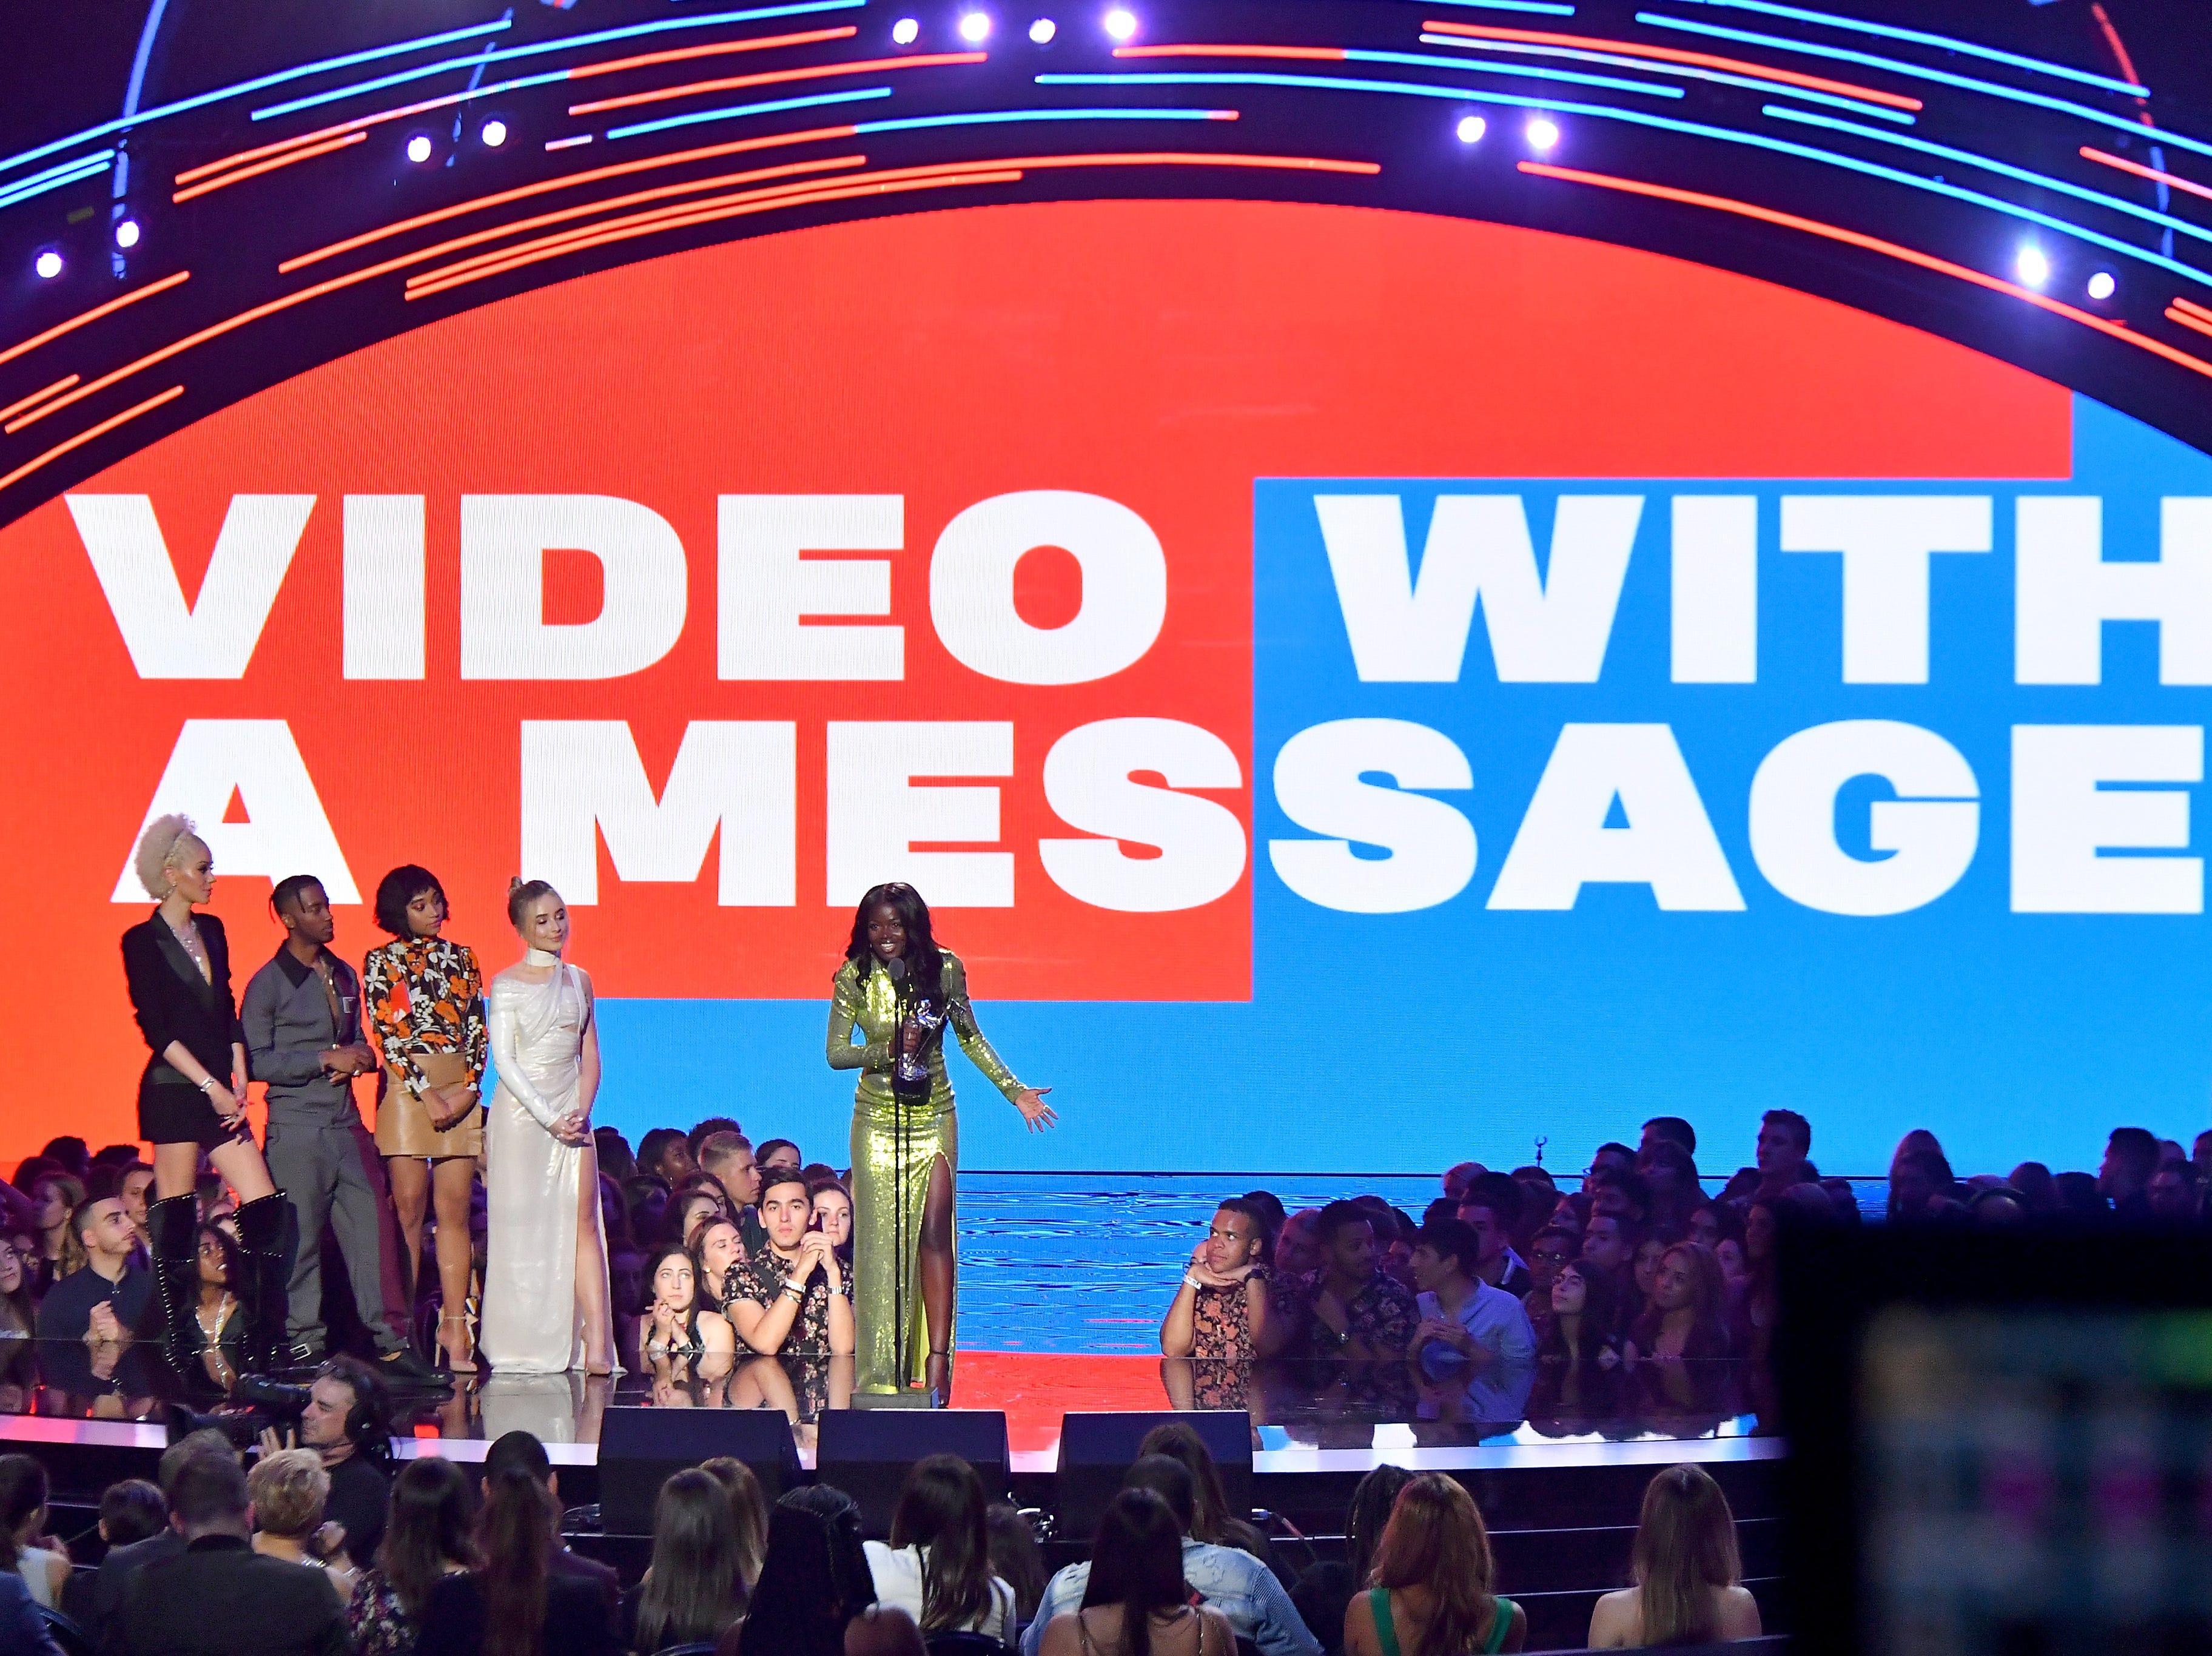 Algee Smith, Amandla Stenberg y Sabrina Carpenter presentan el premio por video con un mensaje a Sherrie Silver que acepta el premio en representación de Childish Gambino en el escenario durante los MTV Video Music Awards de 2018 en el Radio City Music Hall el 20 de agosto de 2018 en Nueva York Ciudad.